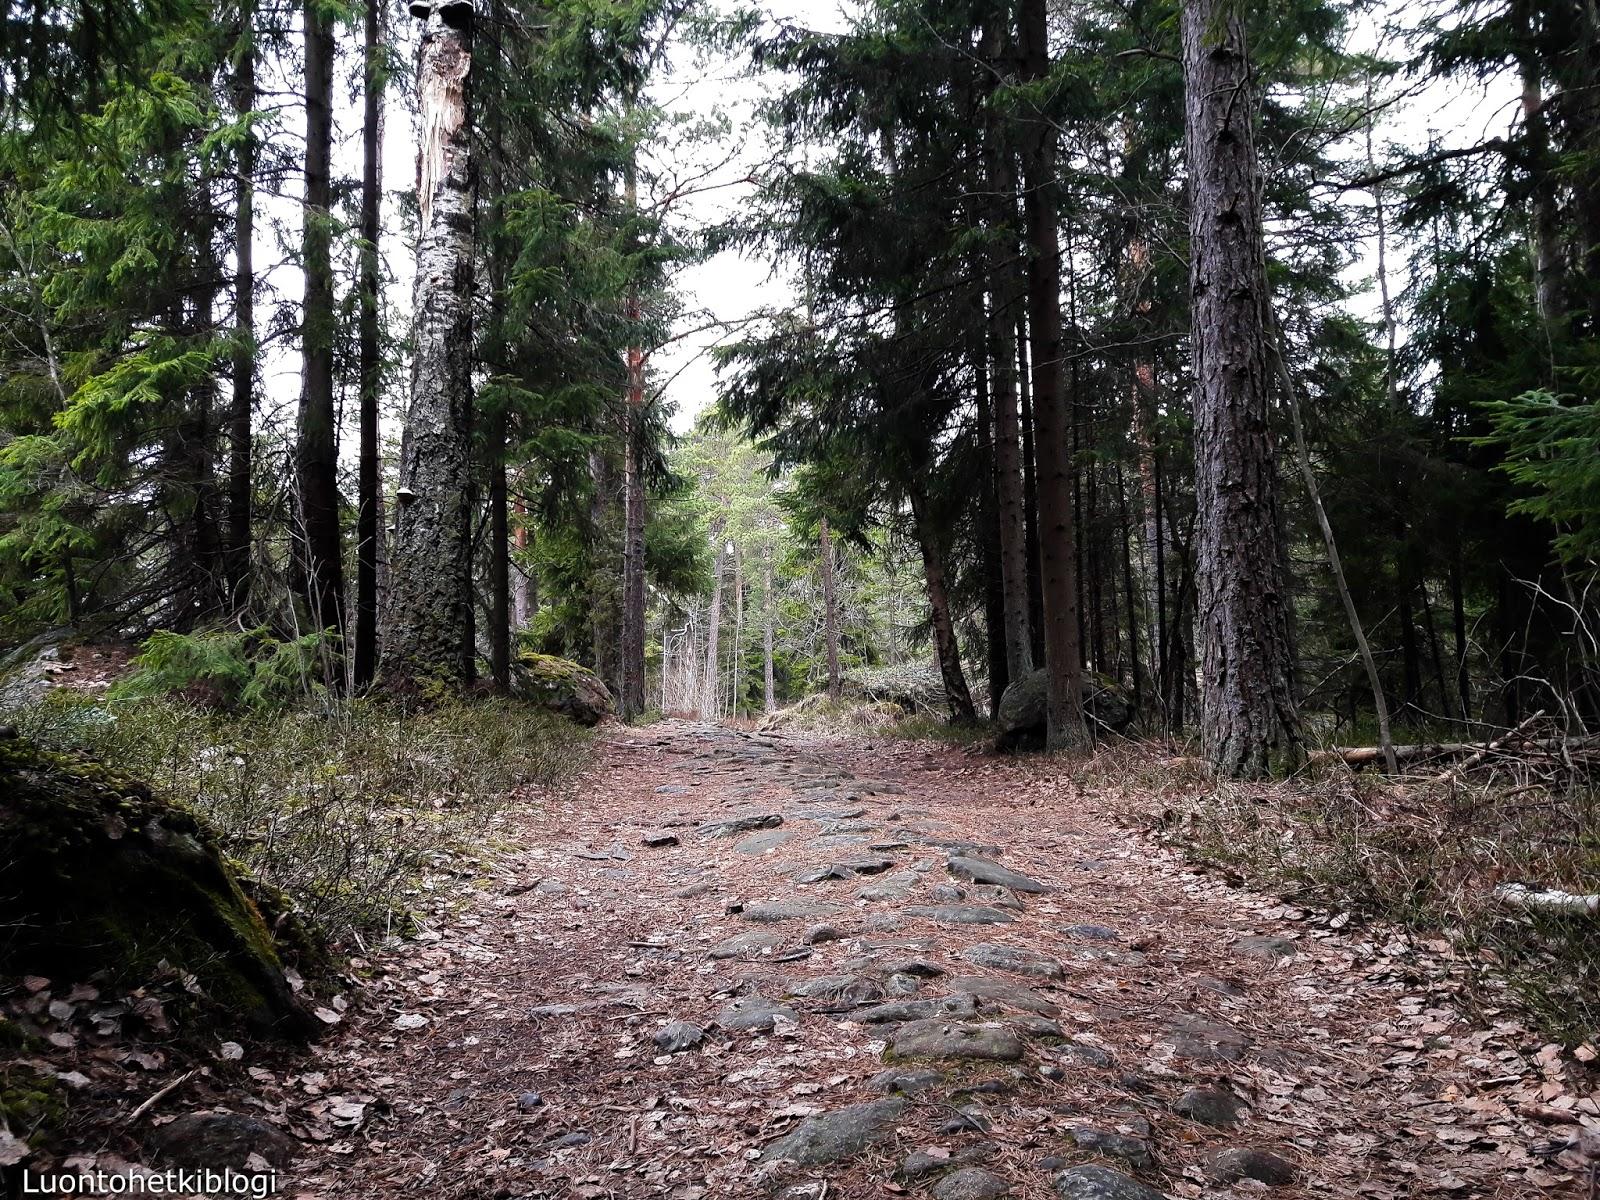 Luontohetkiblogi Mustavuori Metsan Lumoa Ja Historian Havinaa